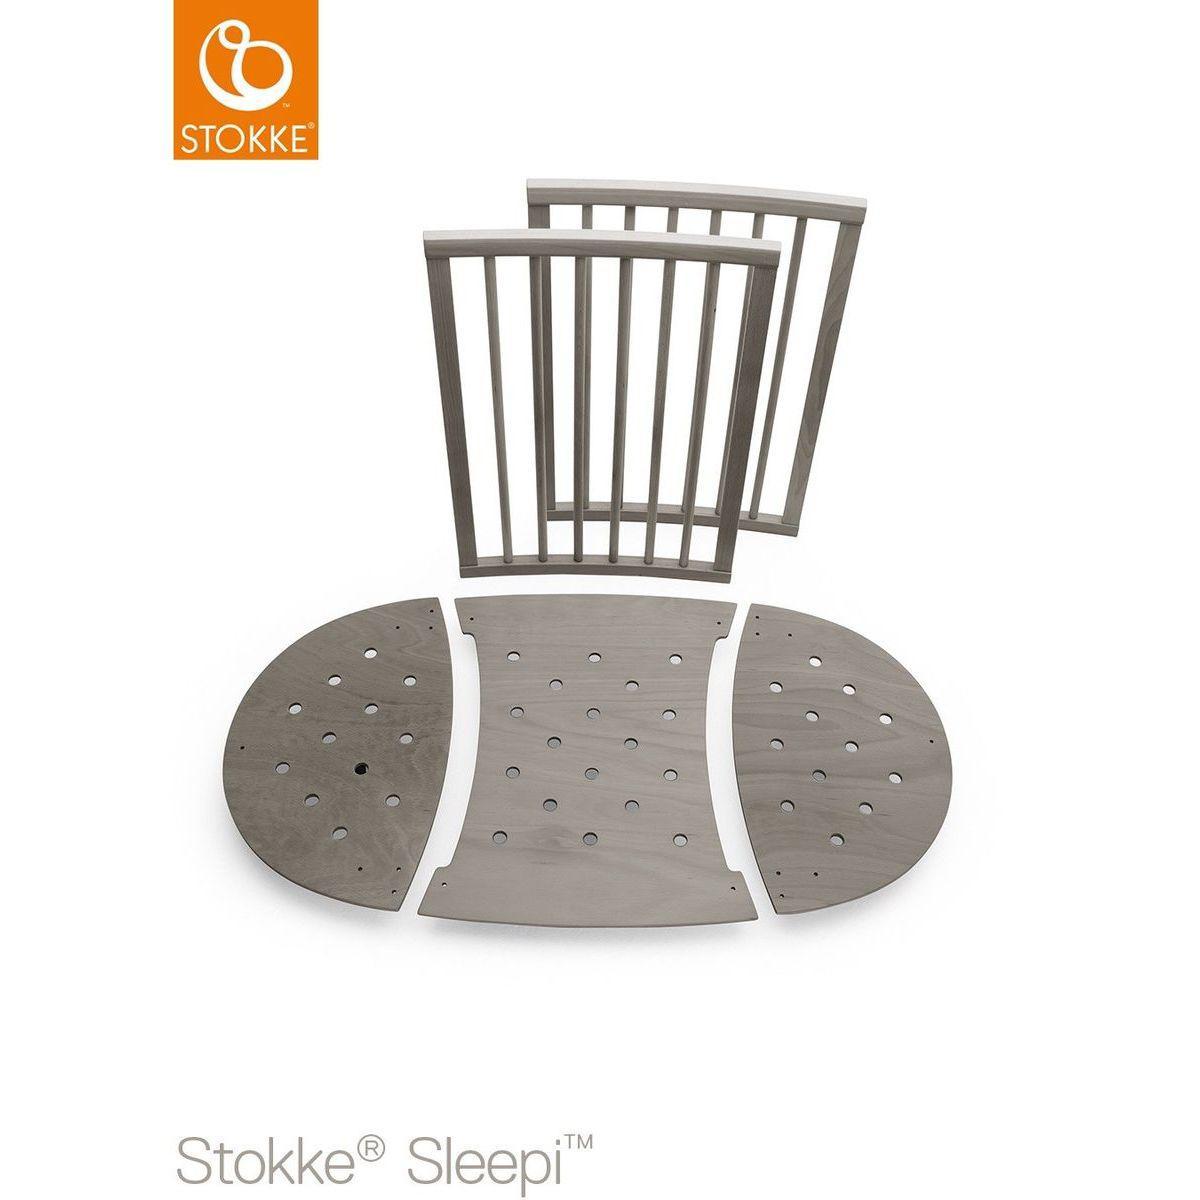 Bettverlängerung Babybett SLEEPI Stokke hazy grey